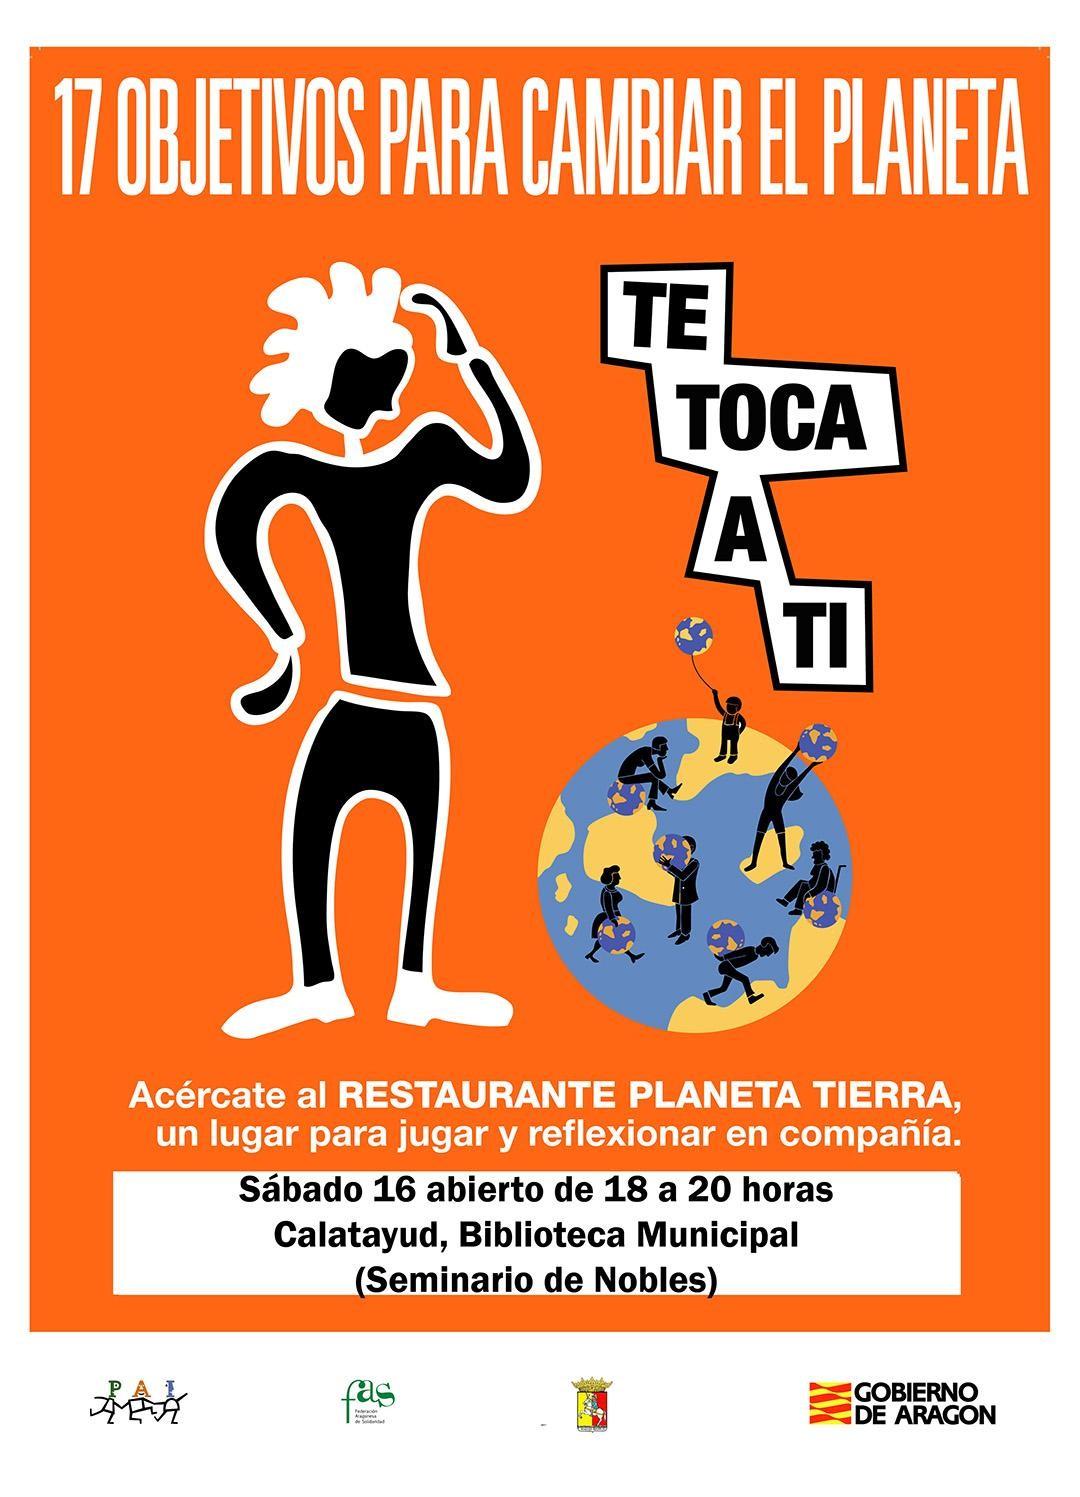 TeTocaATi